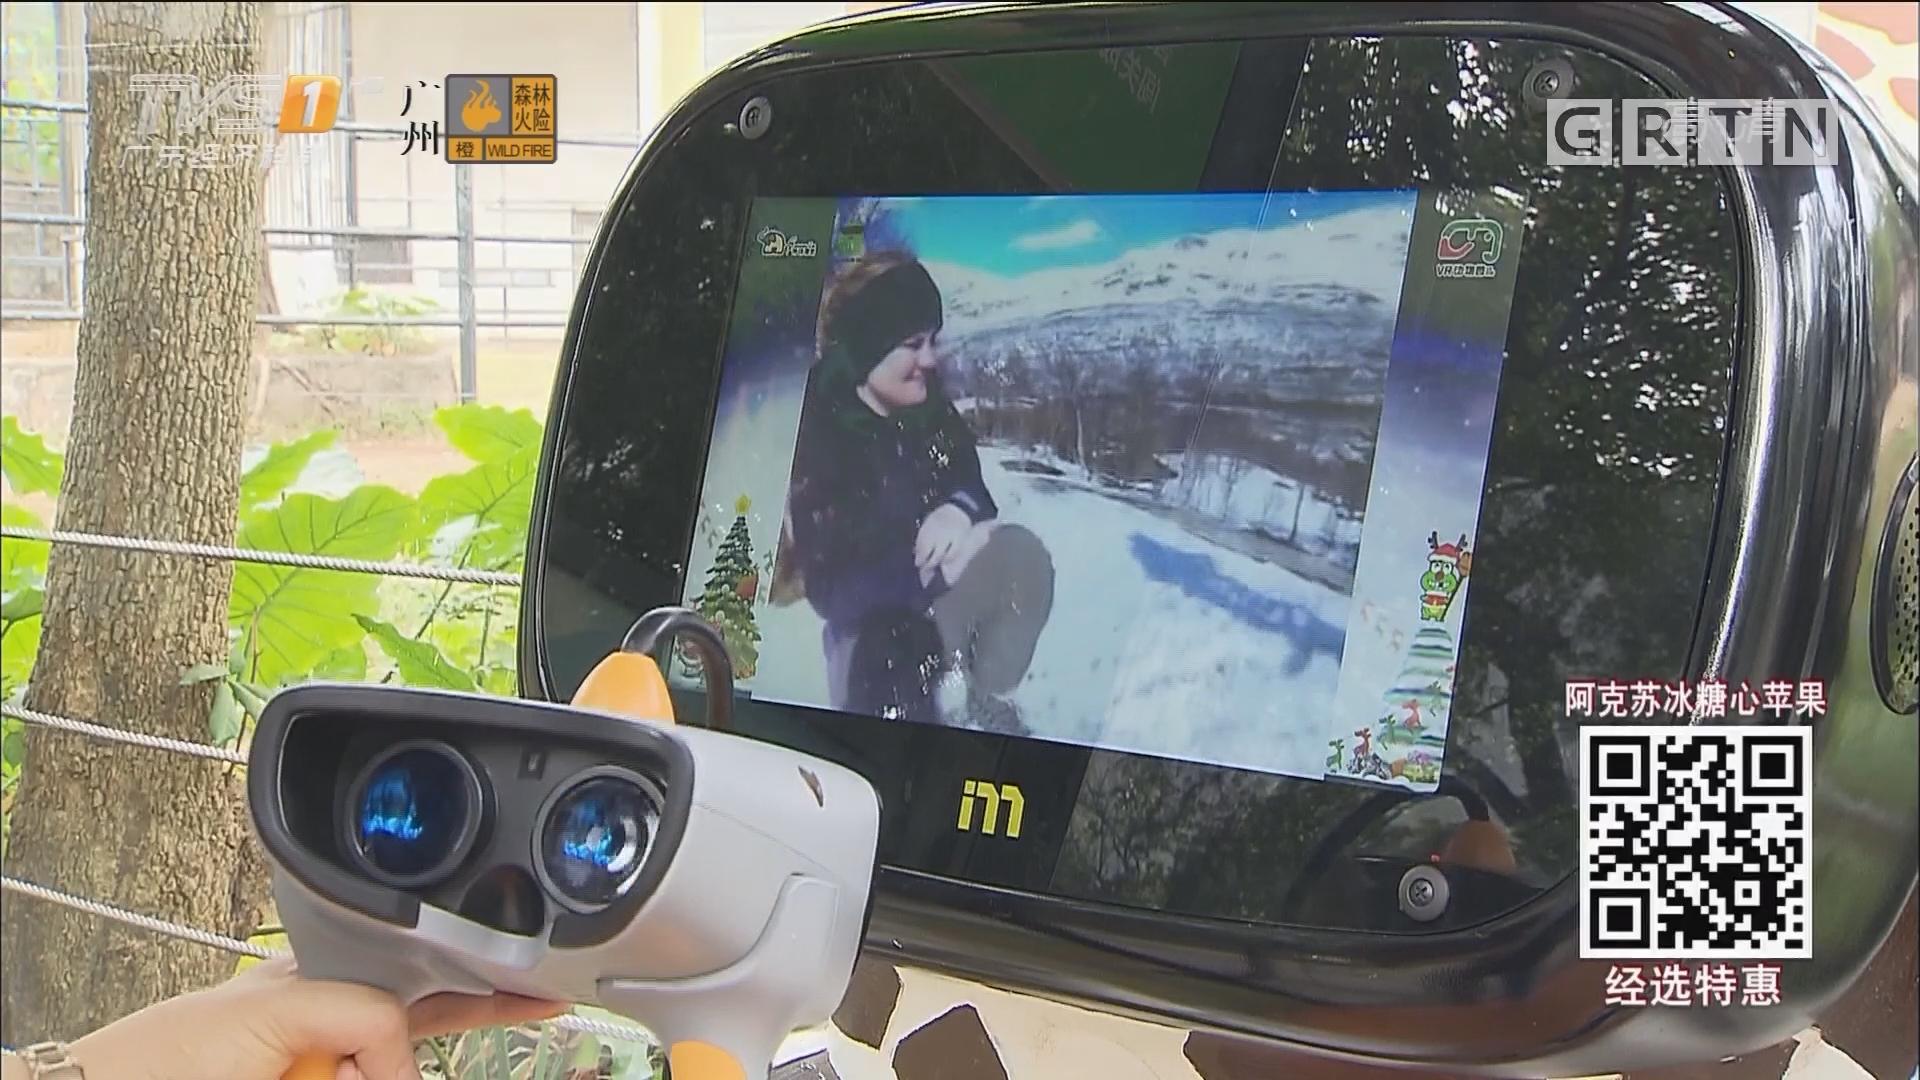 新闻现场:探秘全球首座VR动物园